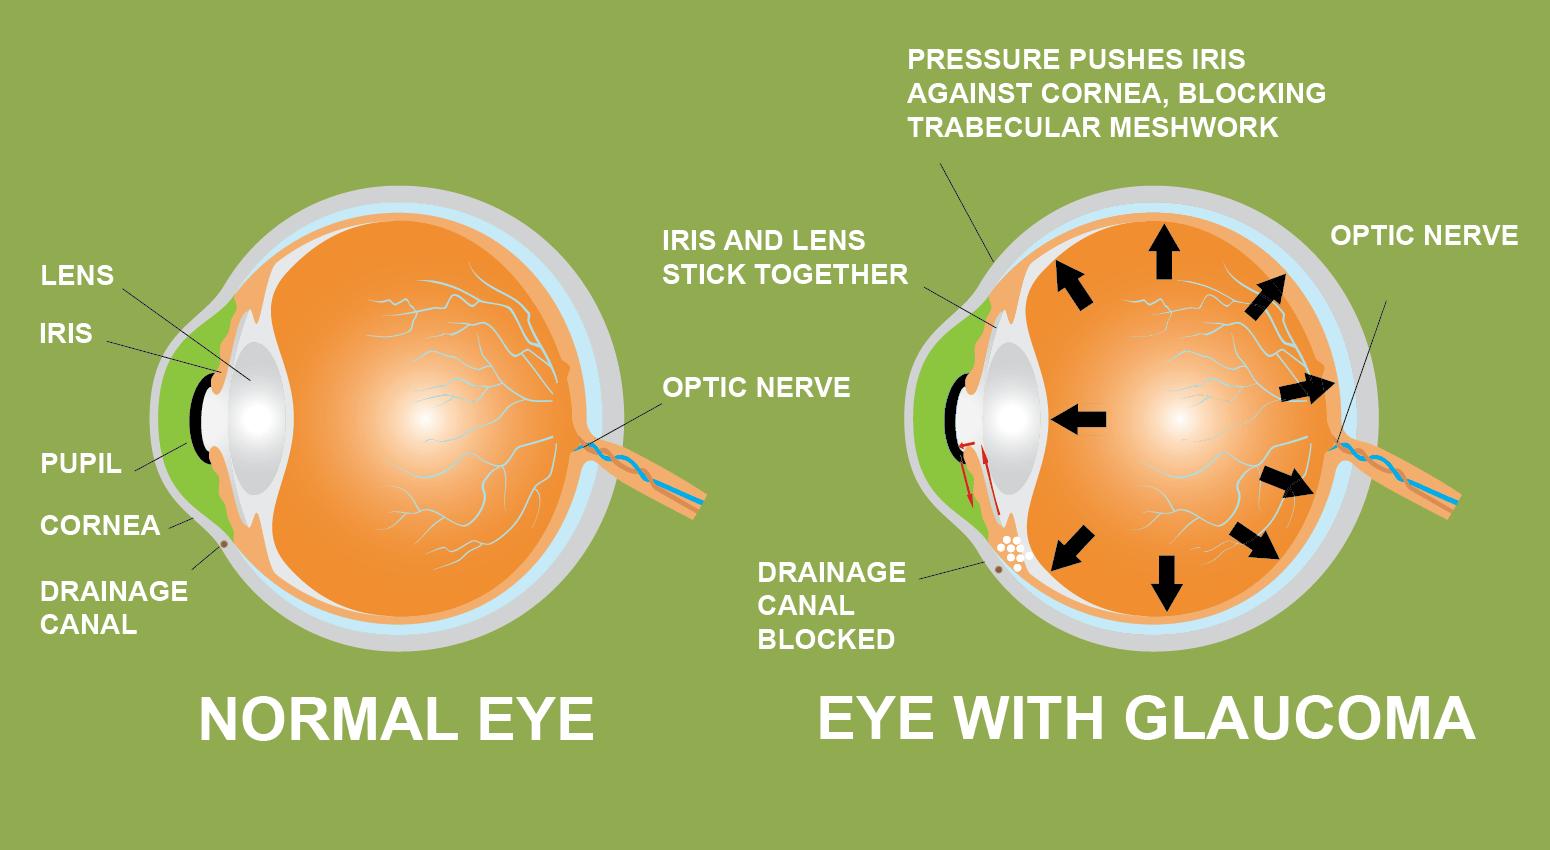 Glaukom Iris Objektiv Pupille Hornhautentwässerung Kanal Cannabis verhindern